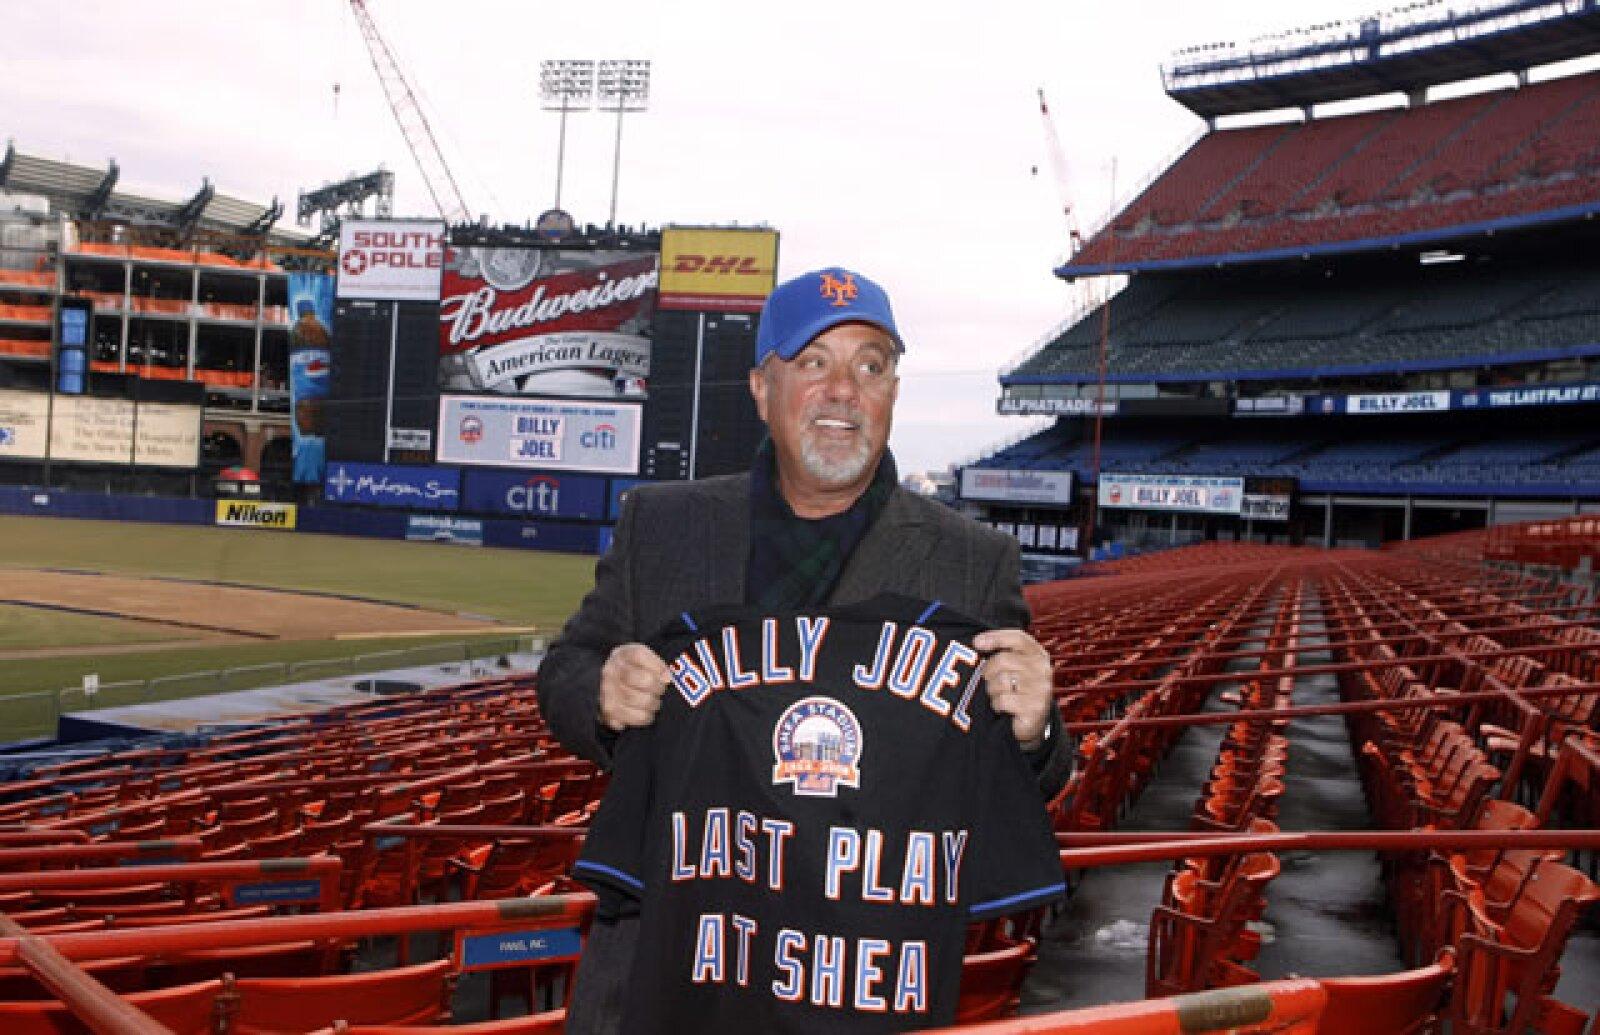 Billy Joel es uno de los más famosos fanáticos de los Mets de Nueva York.